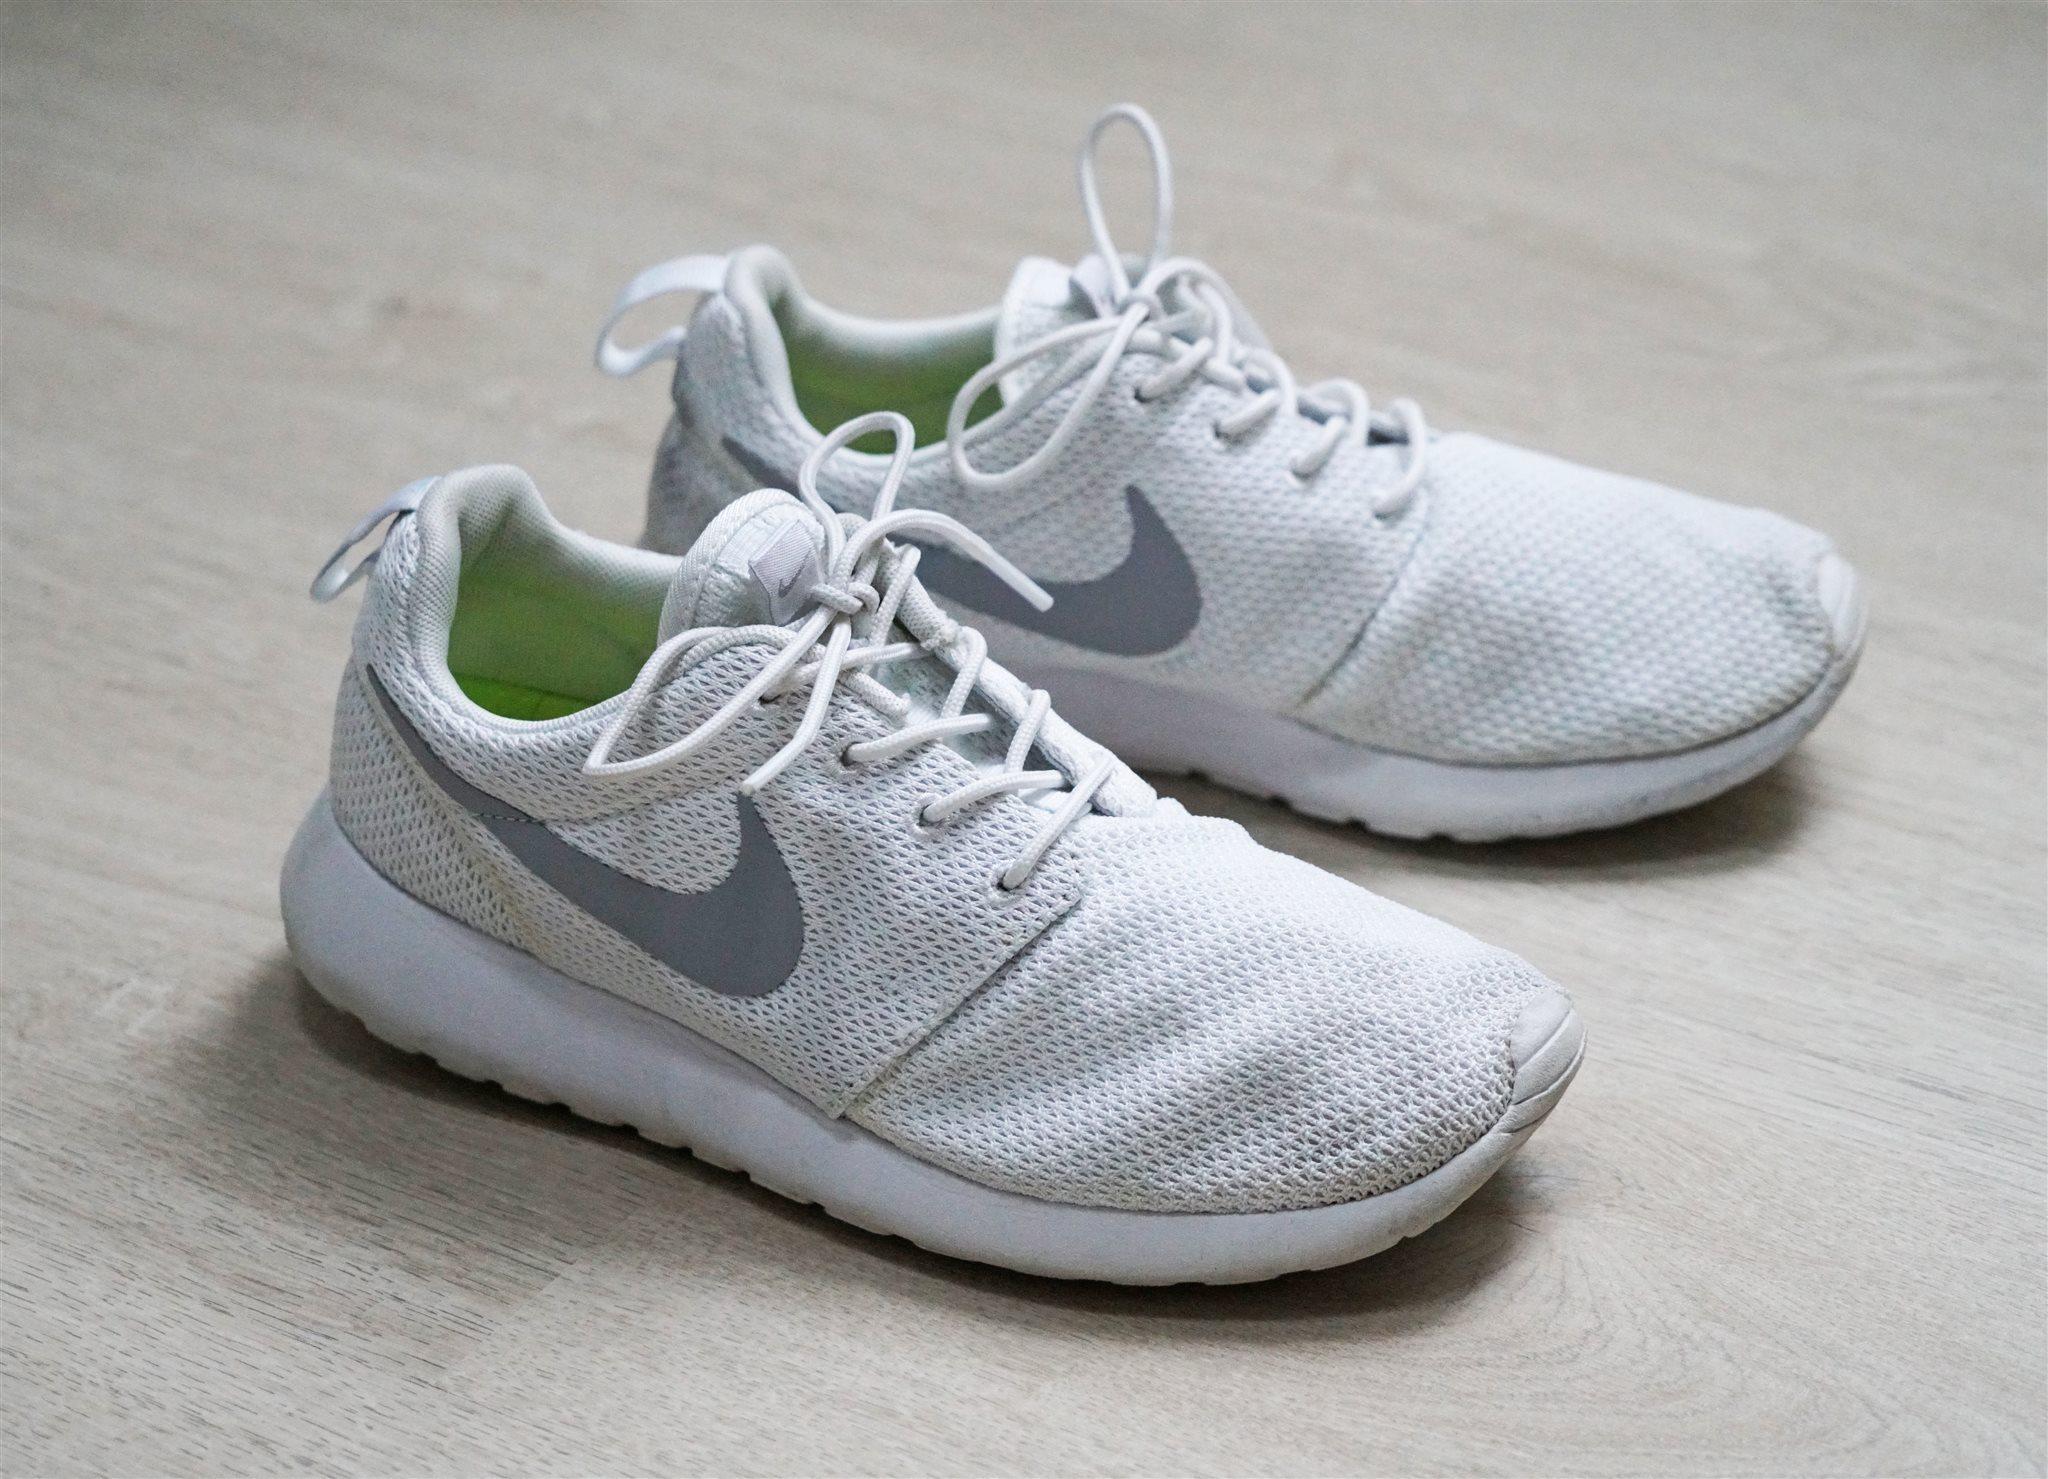 online retailer 606c2 a677b NIKE ROSHE RUN, running, träningsskor, NIKE ID, vita, gråa